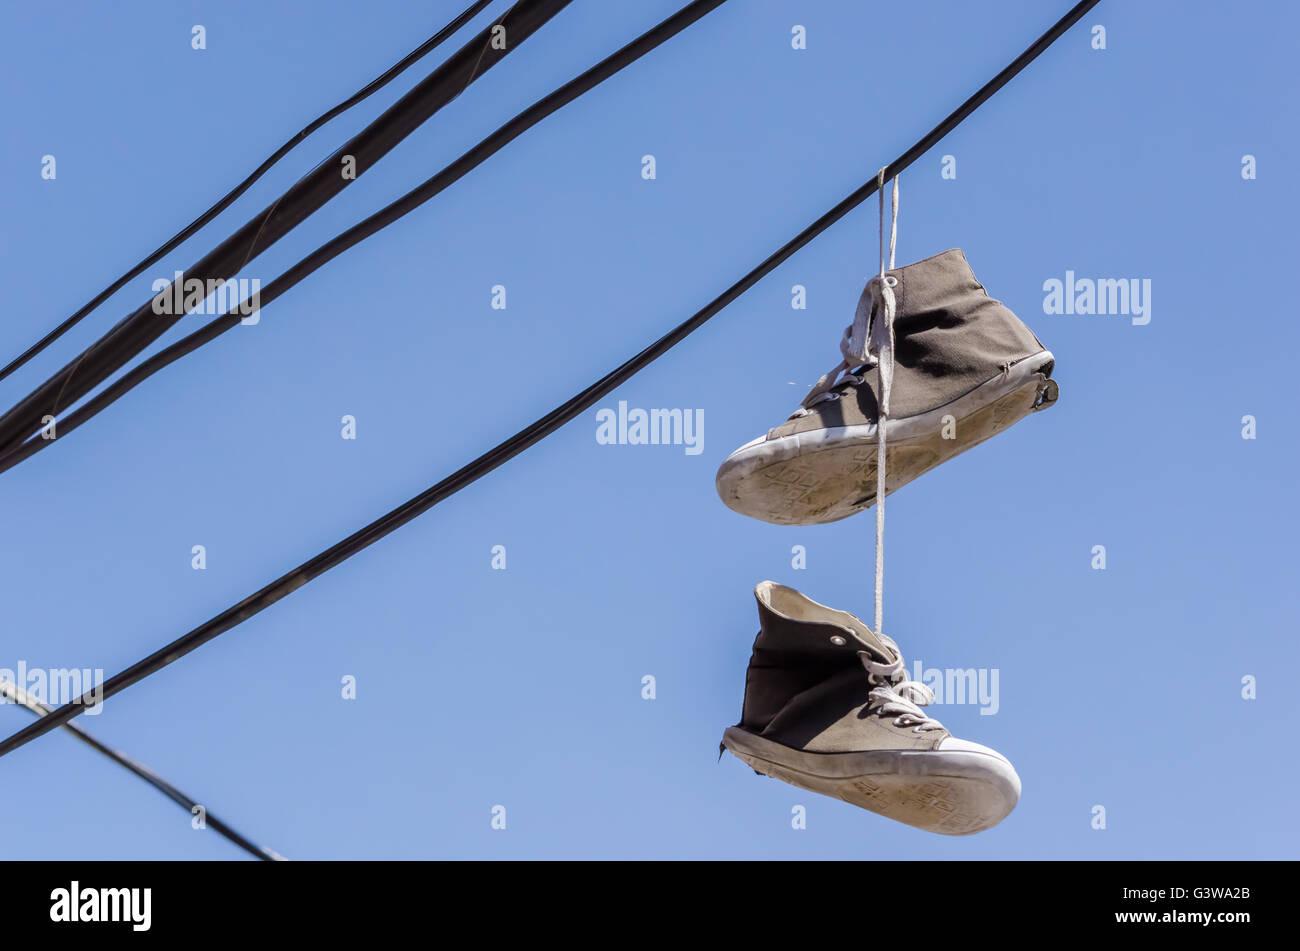 Schuhe hängen von Drähten in Montreal, Kanada Stockfoto